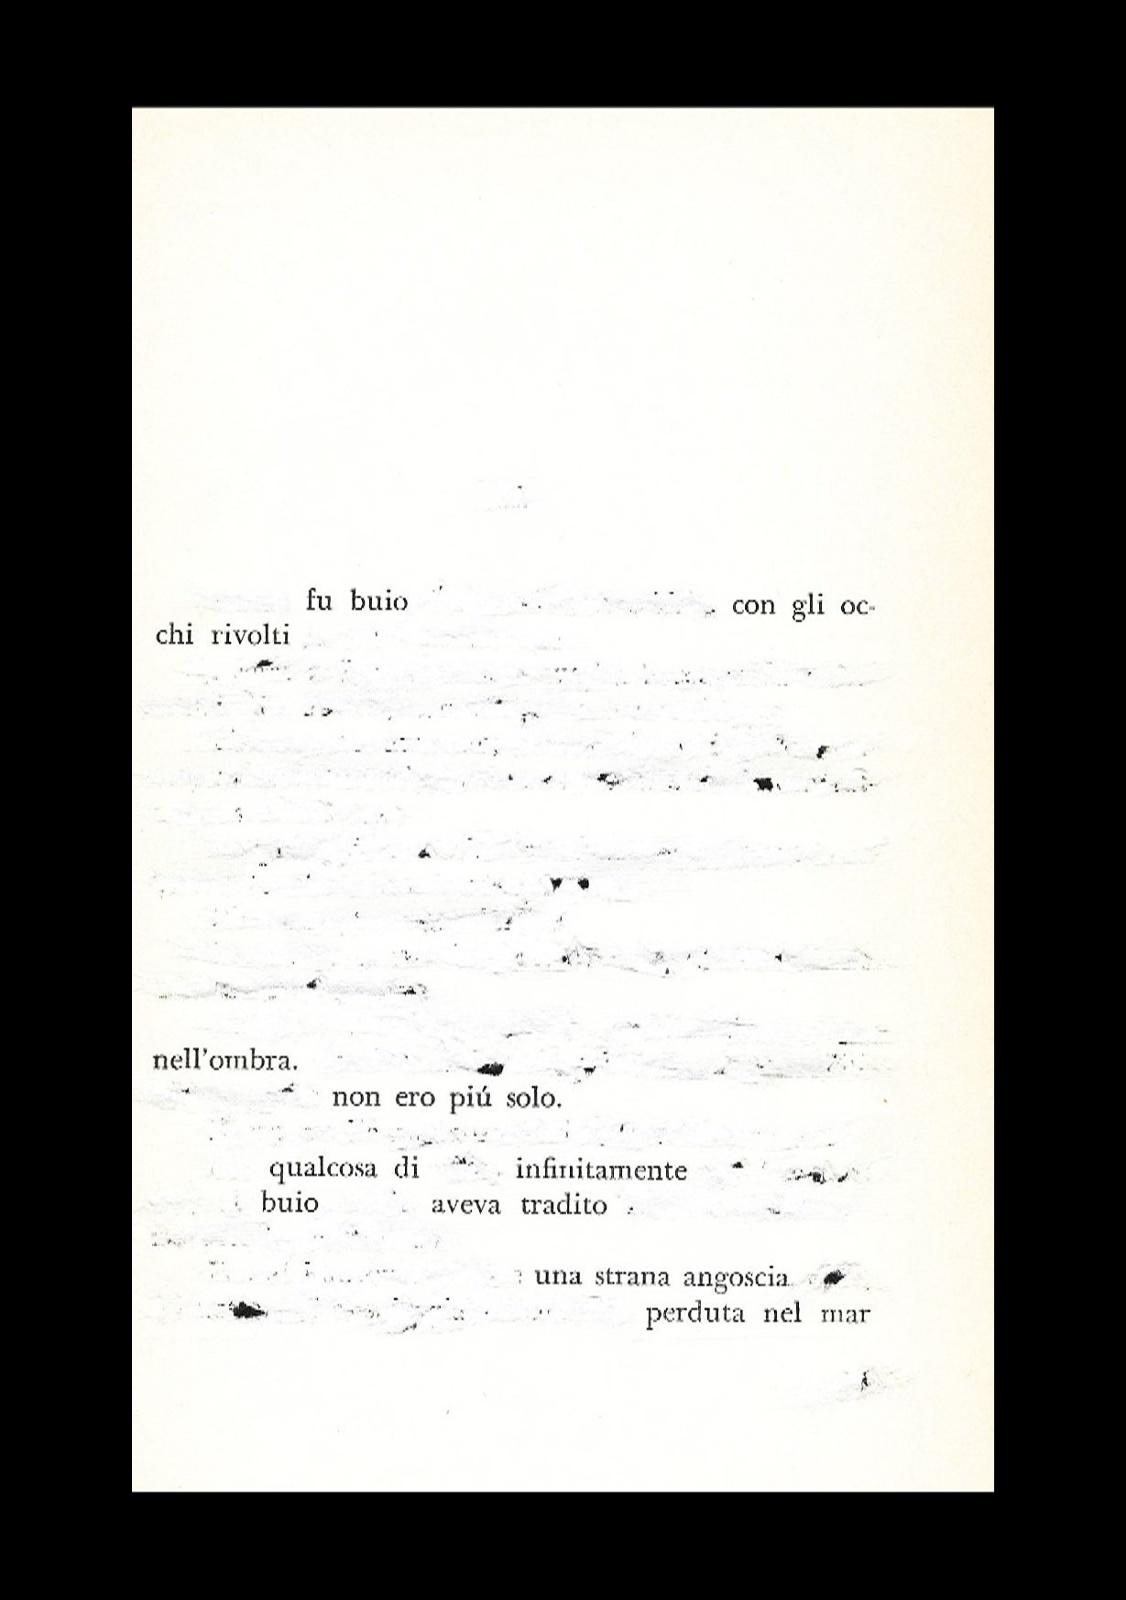 Fu buio - cacciavite su pagina in esilio dal libro - cornice 18x24 - 2021